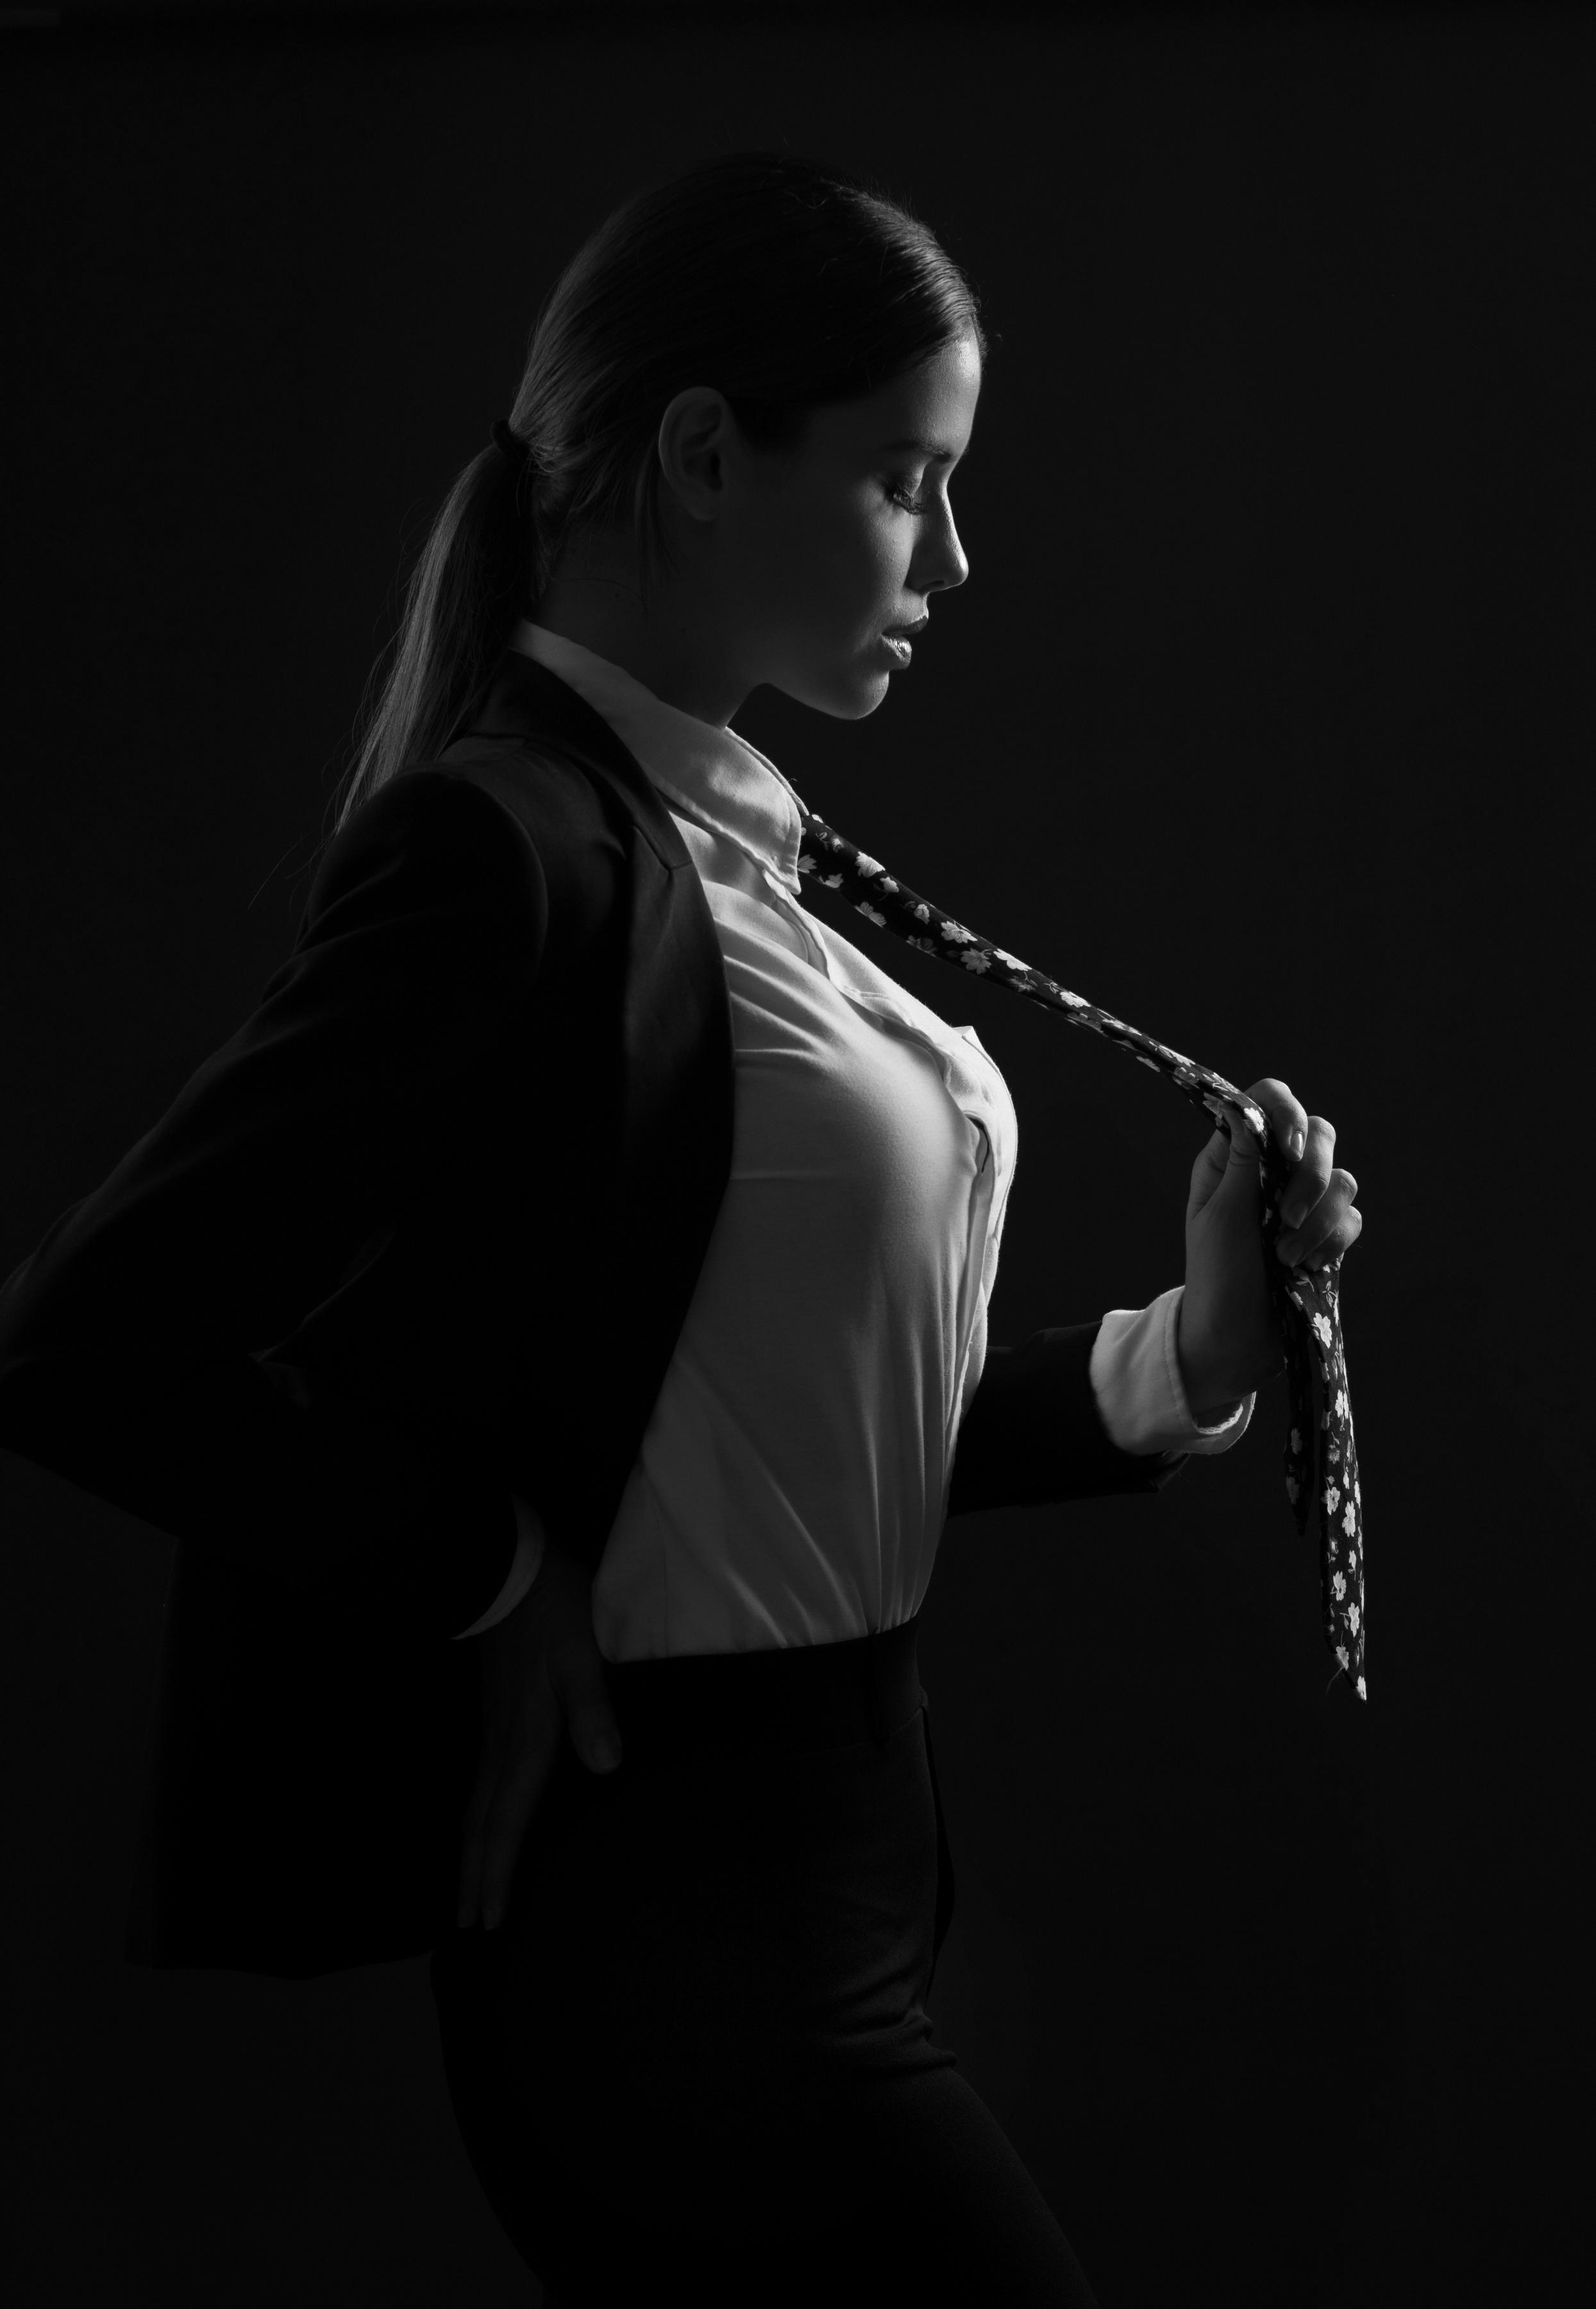 Foto Karol Stropdas Jonge vrouwen Kostuum zwart witte Zijaanzicht 2489x3600 voor Mobiele telefoon jonge vrouw Zwart wit Pak (kleding)